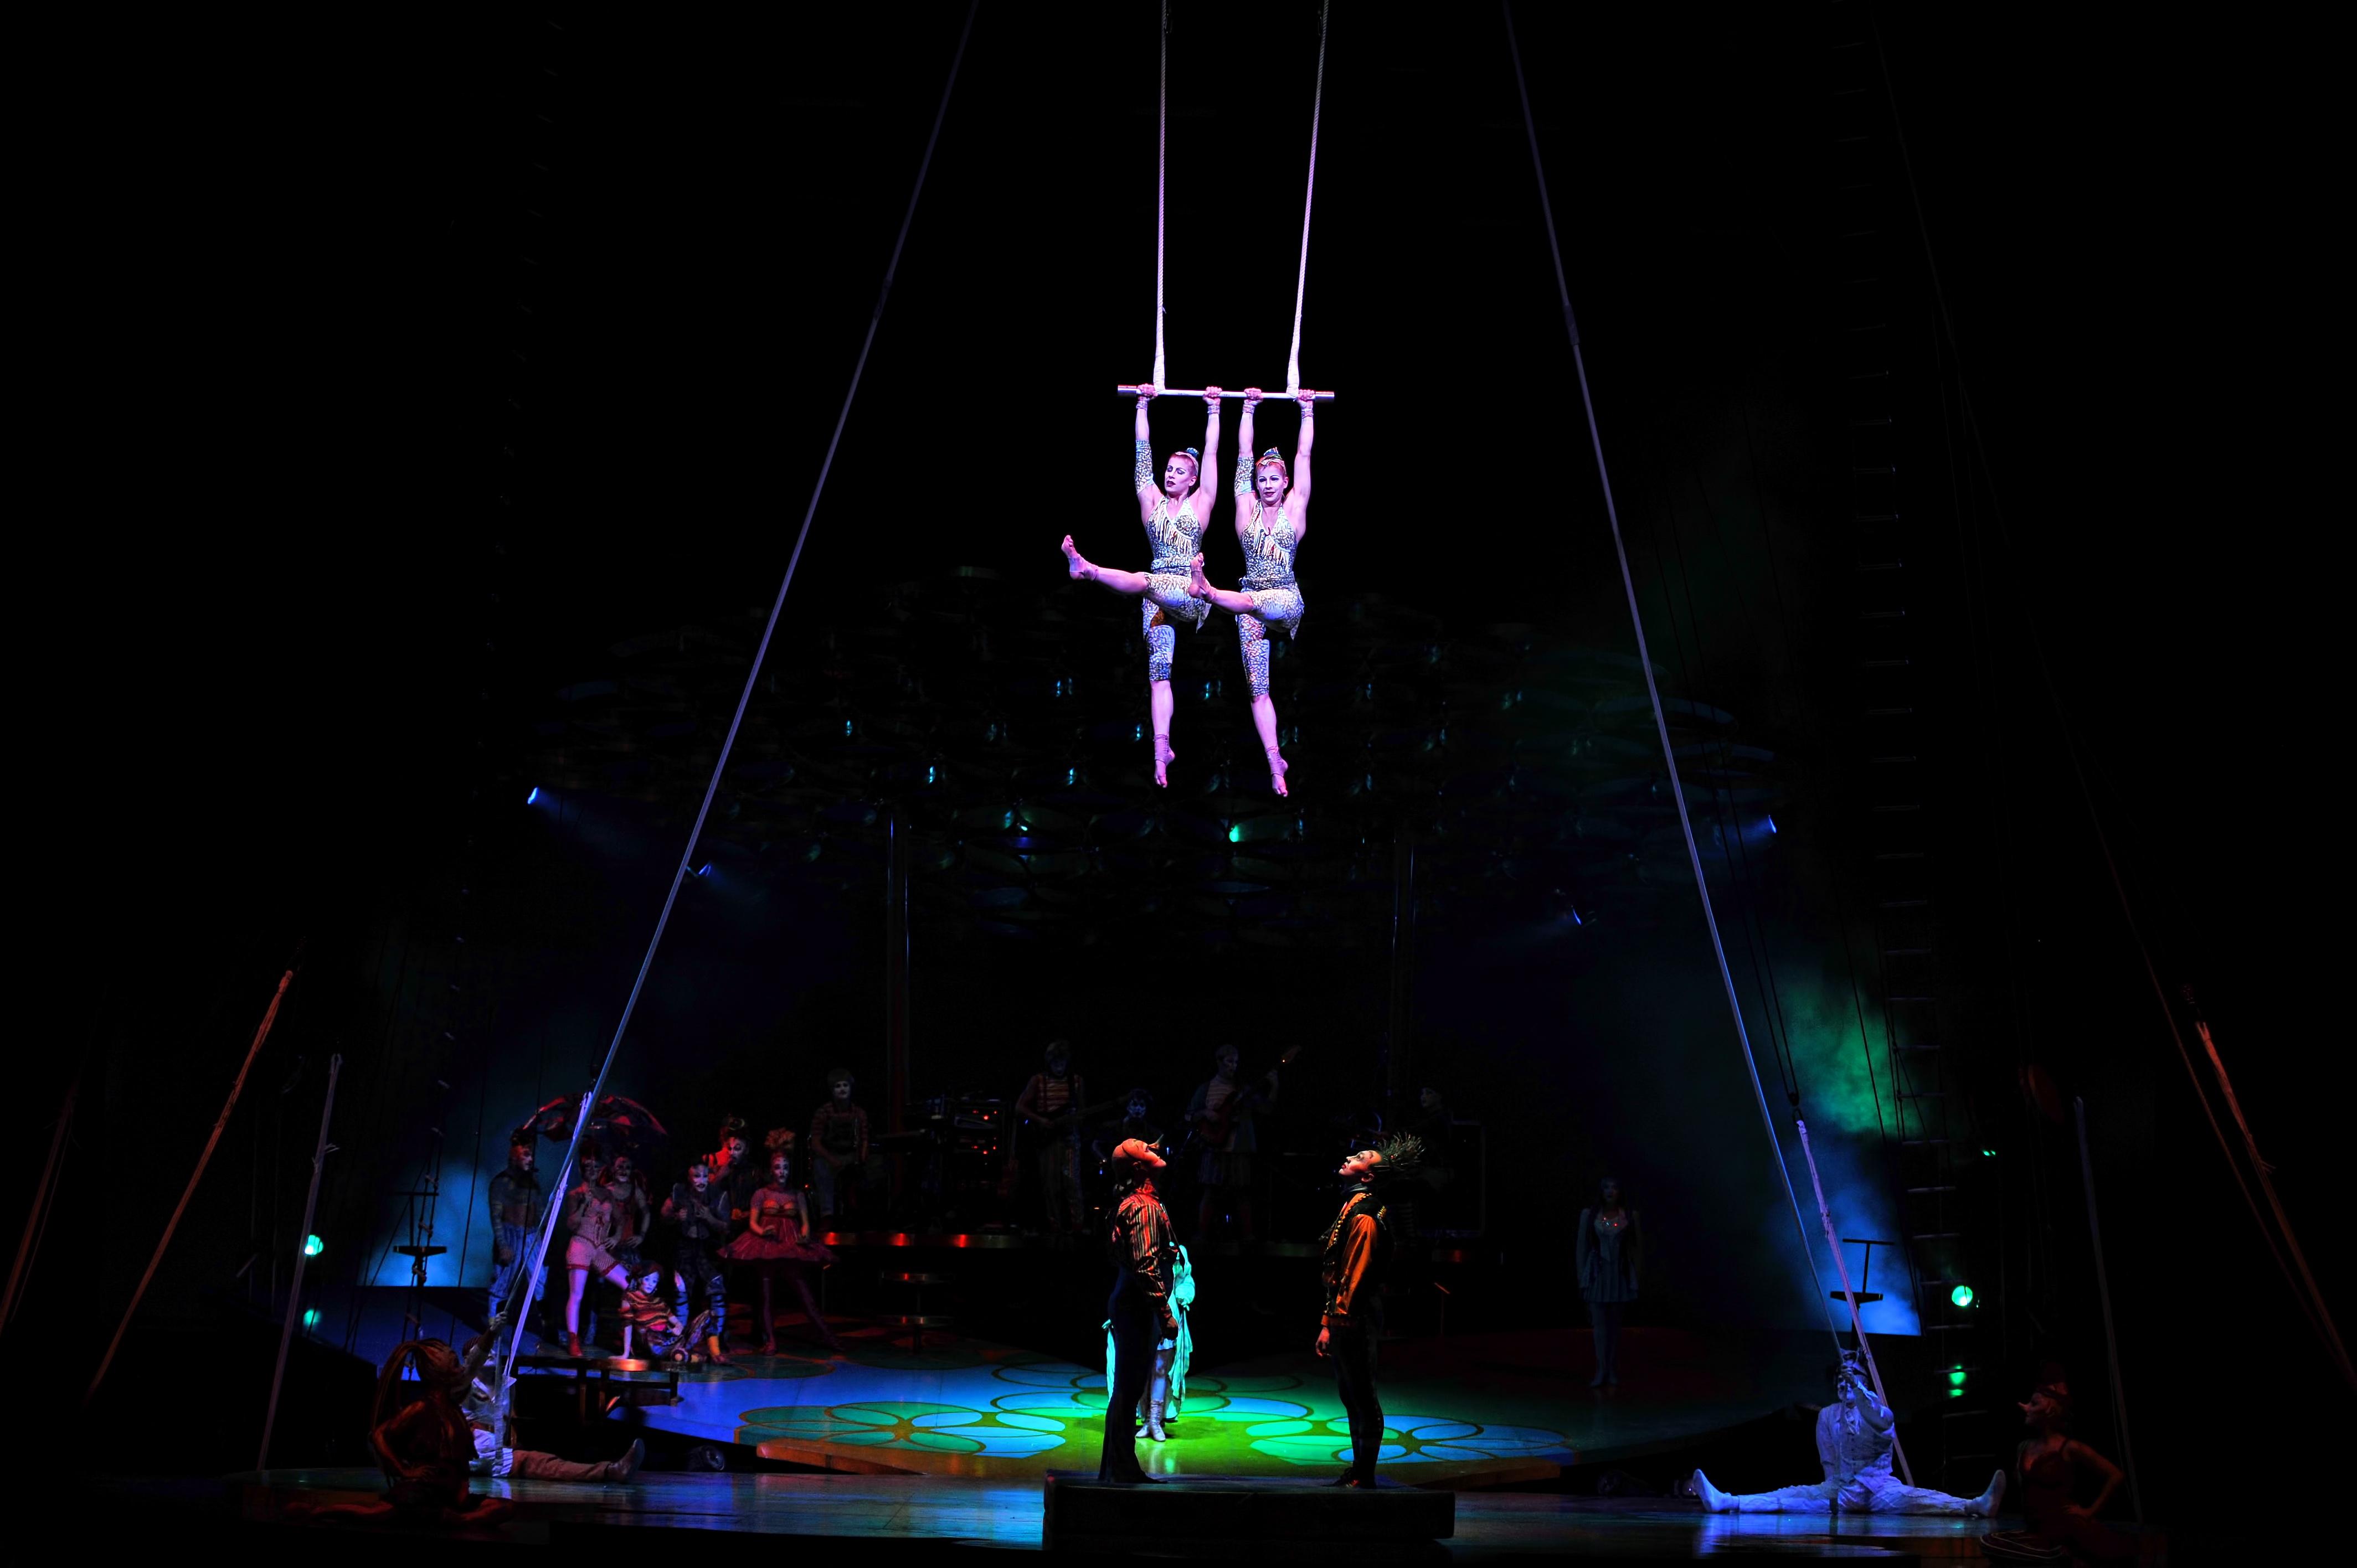 Welttournee mit der Cirque du Soleil Show Saltimbanco